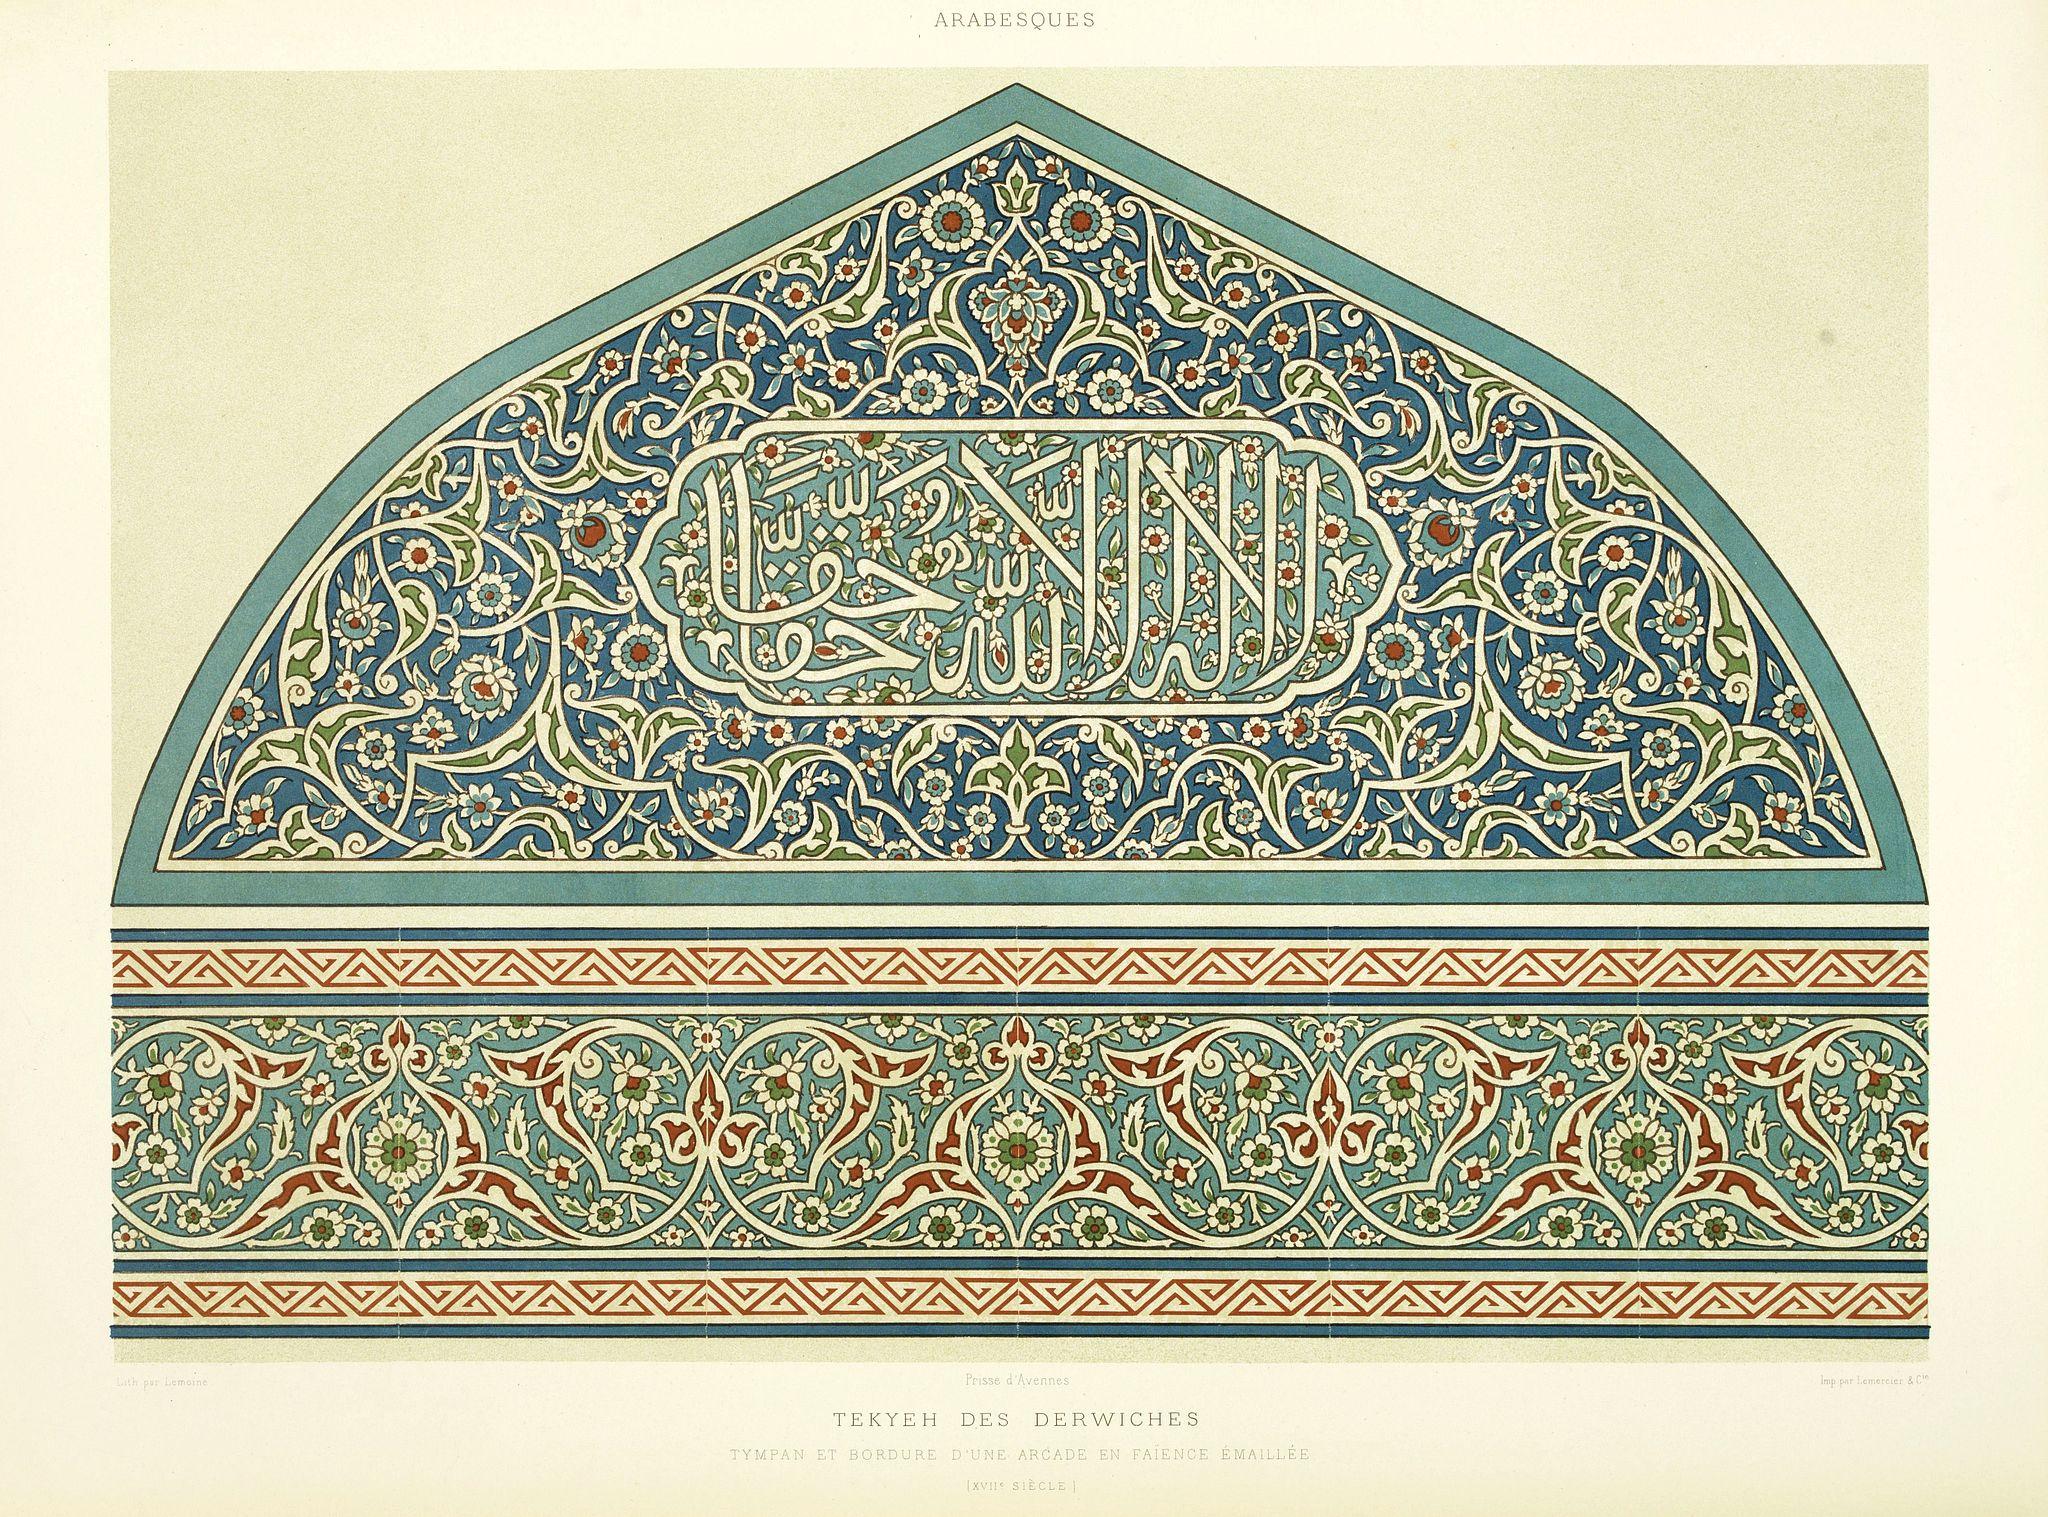 PRISSE D'AVENNES, E. -  Arabesques. - Tekyeh des derwiches tympan et bordure d'une arcade en faïence émaillée (XVIIe siècle)